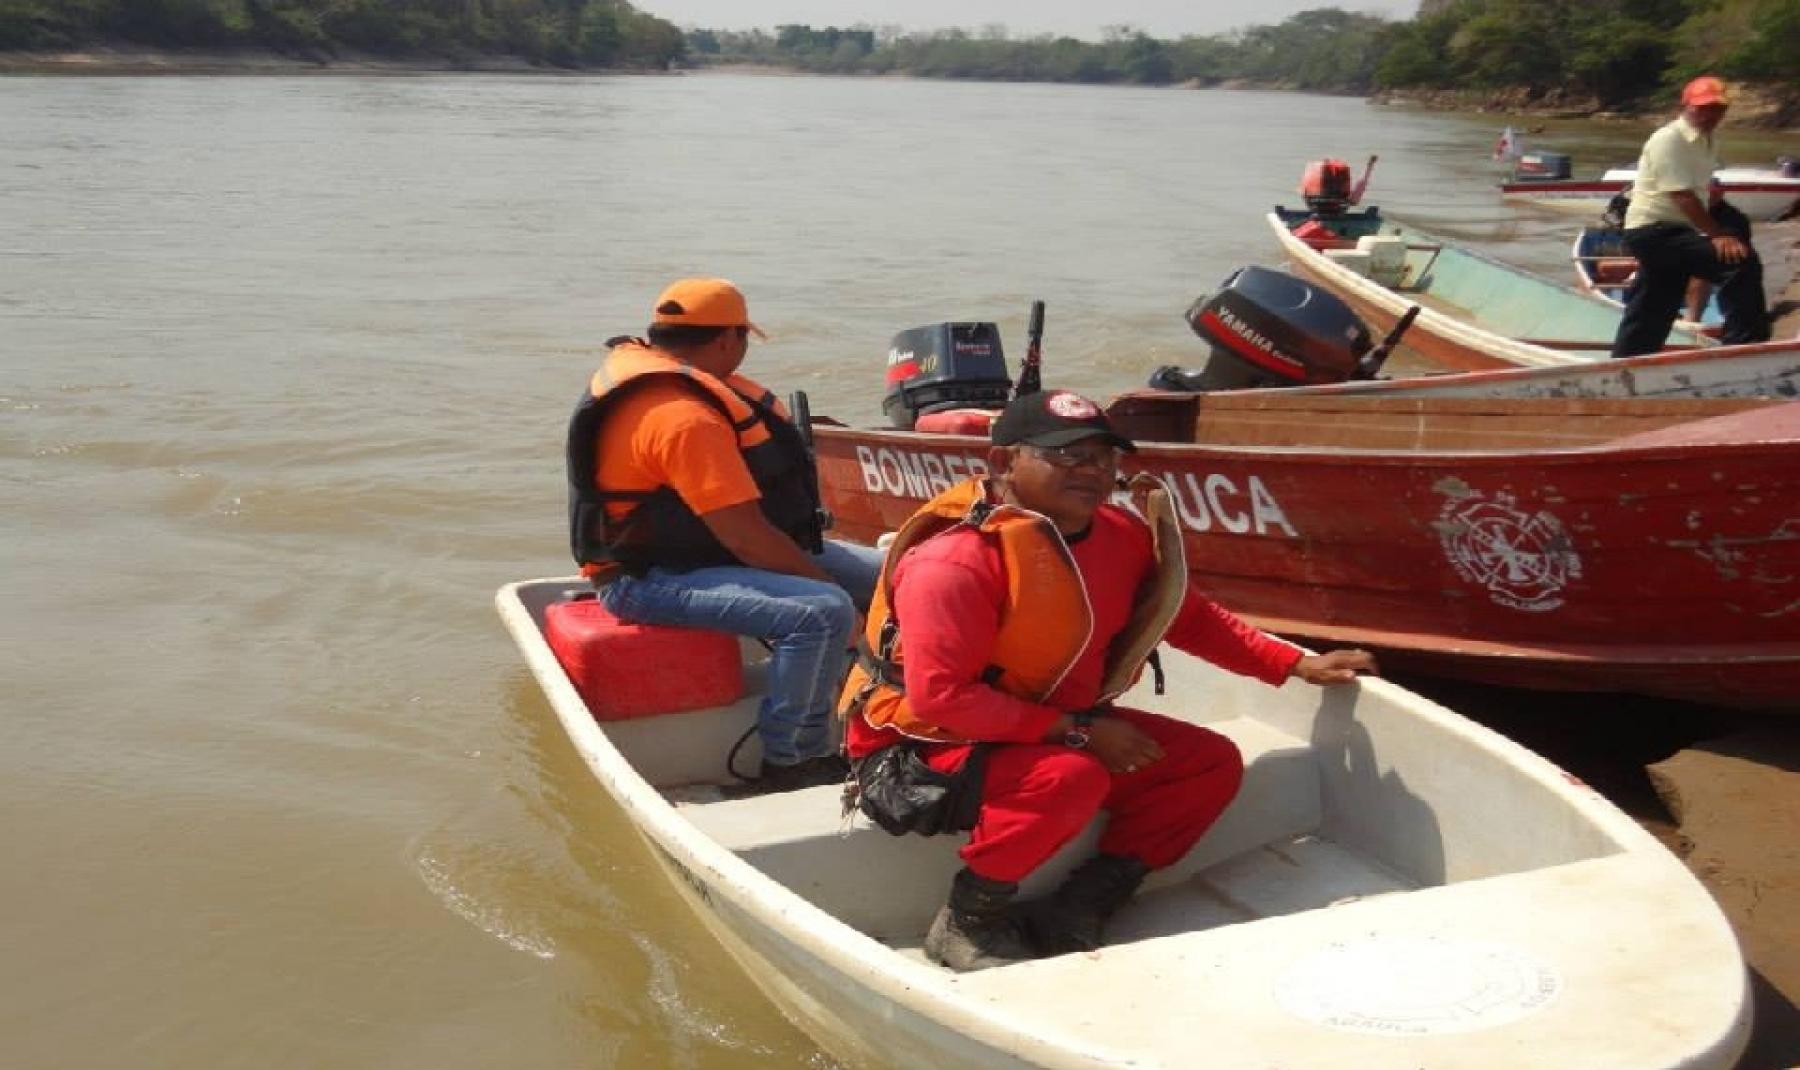 Joven de 14 años murió ahogado en la Madre Vieja de Saravena. Ya van  dos menores que fallecen en circunstancias similares.